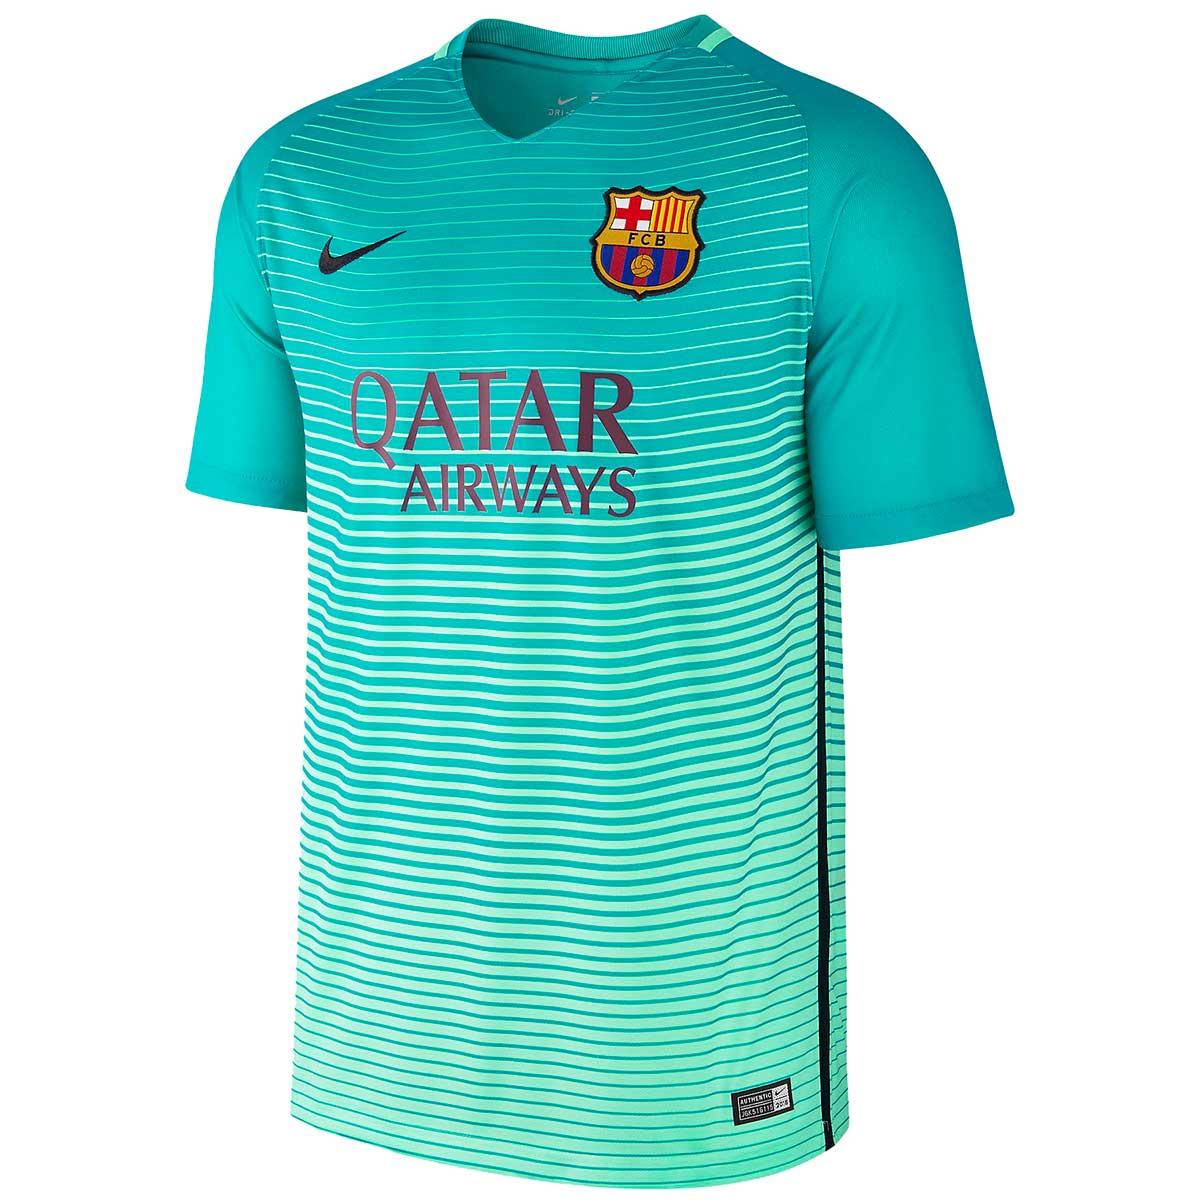 8d90da788af Buy Nike FC Barcelona Jersey 2016/17 (Green) Online in India